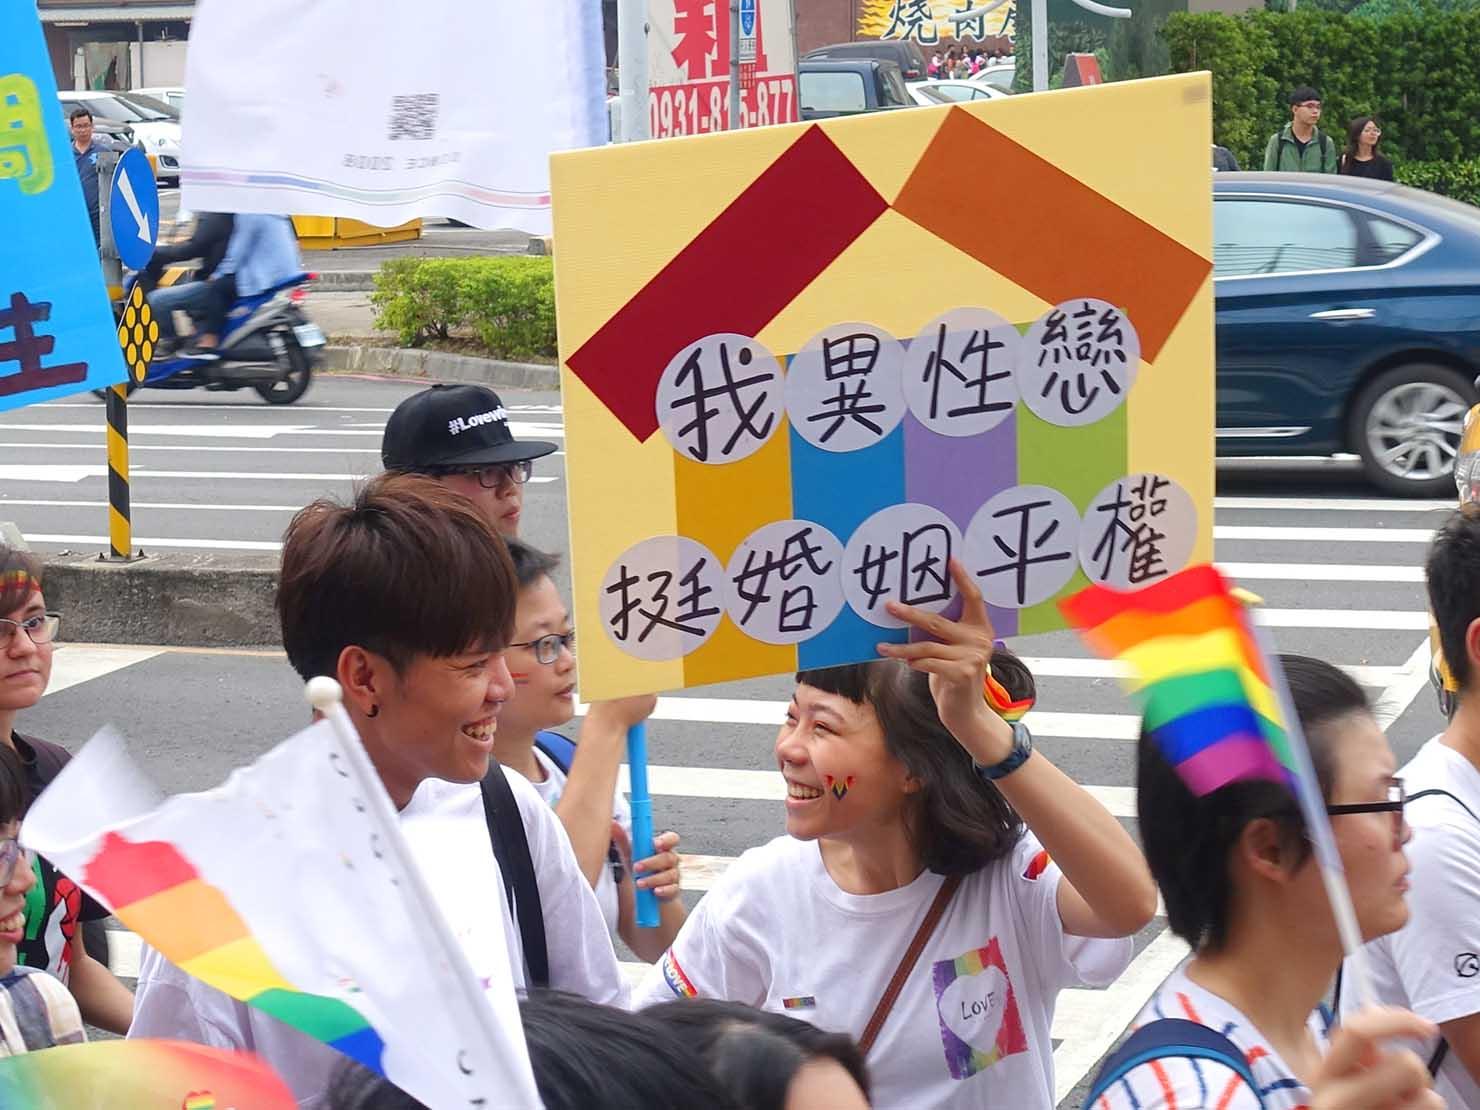 高雄同志大遊行(高雄プライド)2018パレードで掲げられたプラカード3